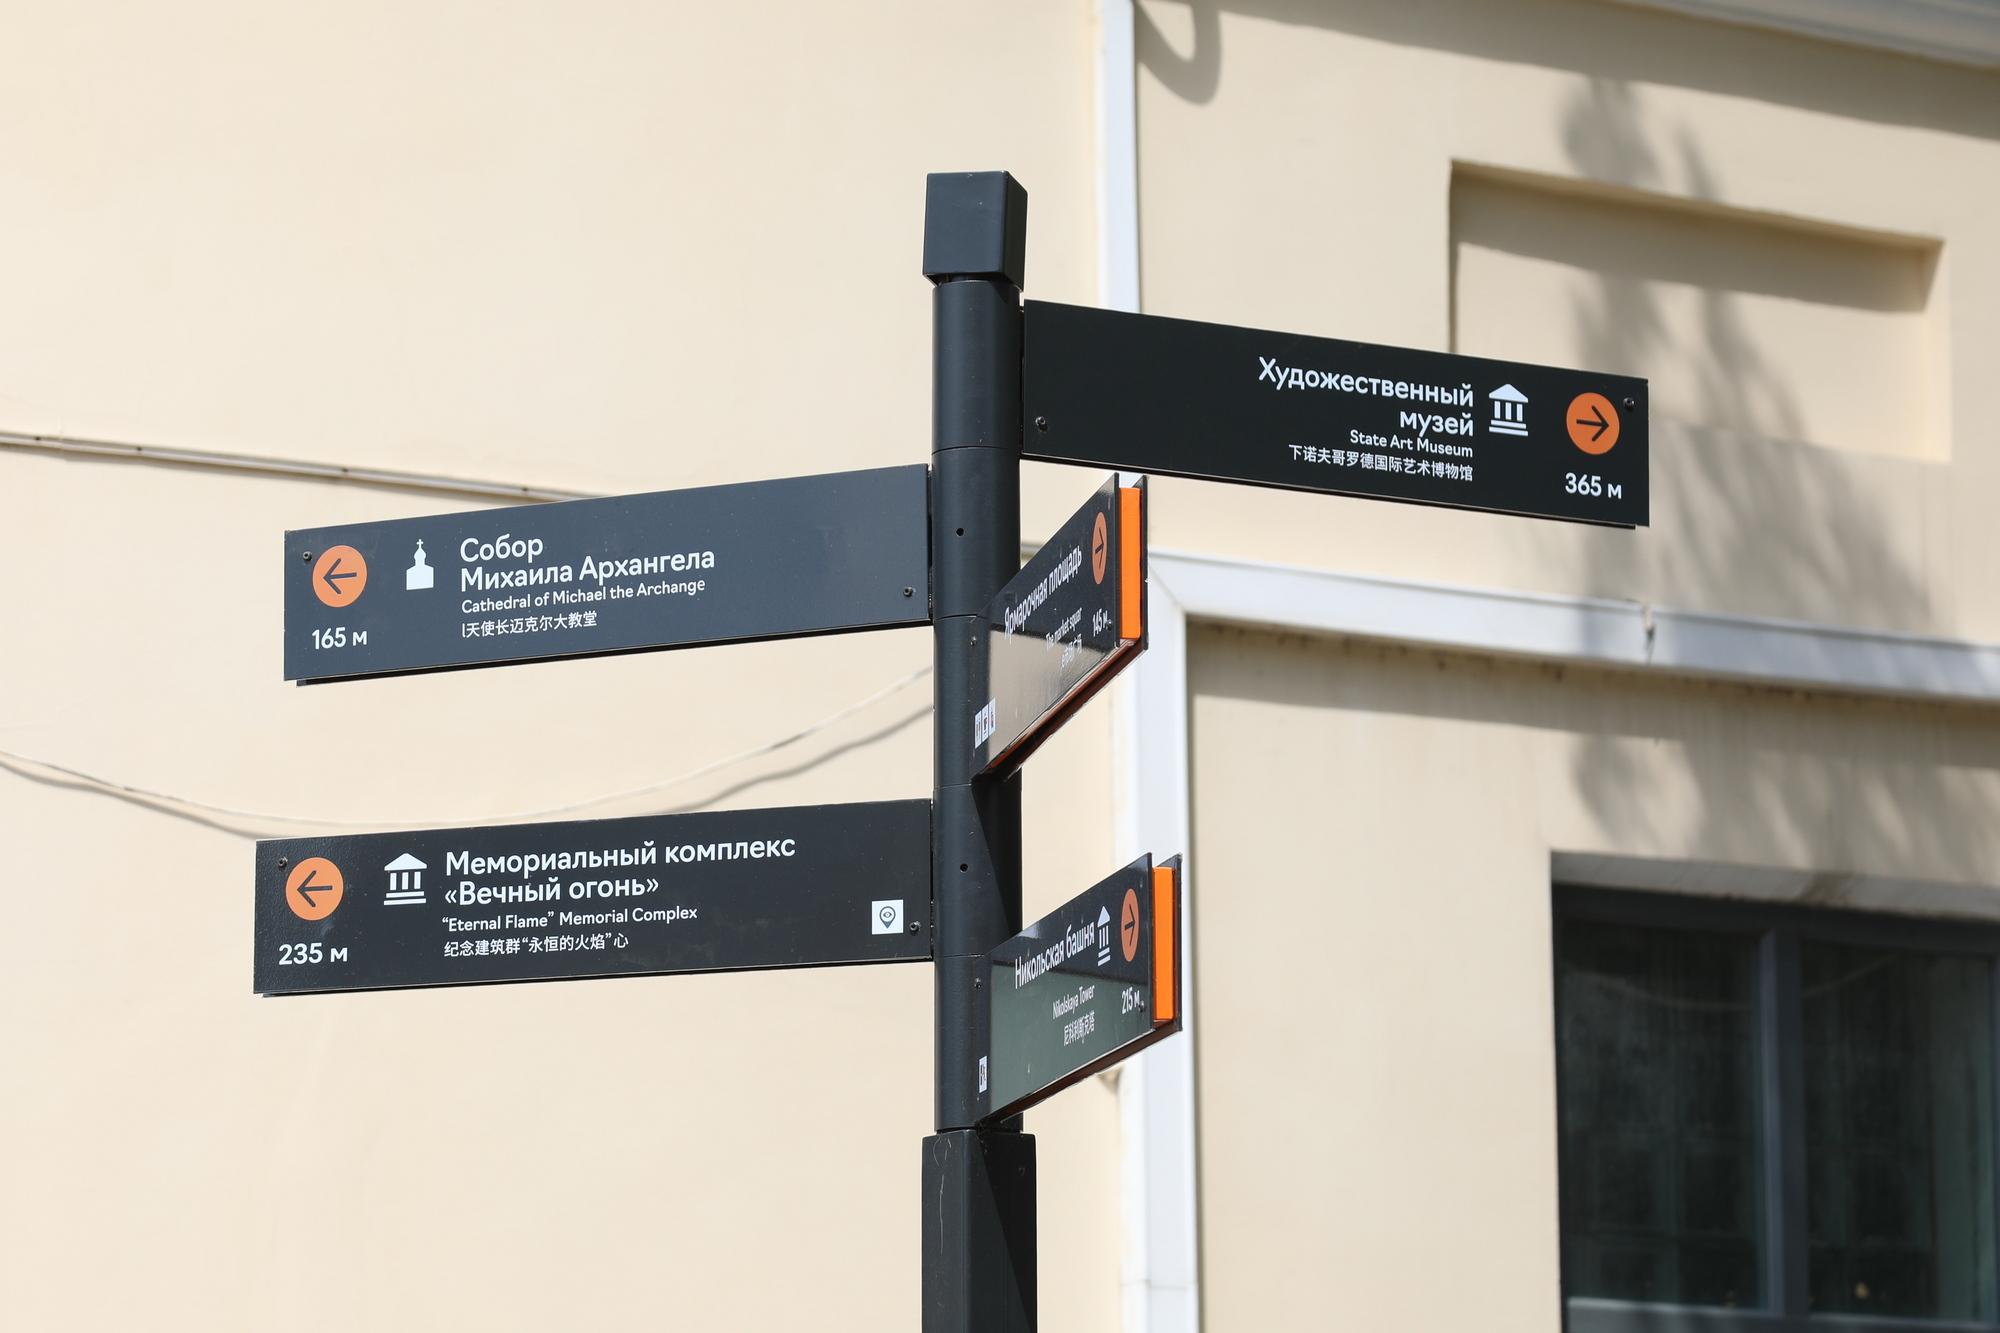 Мультилингвальные туристические указатели устанавливают в Нижегорродском кремле - фото 1